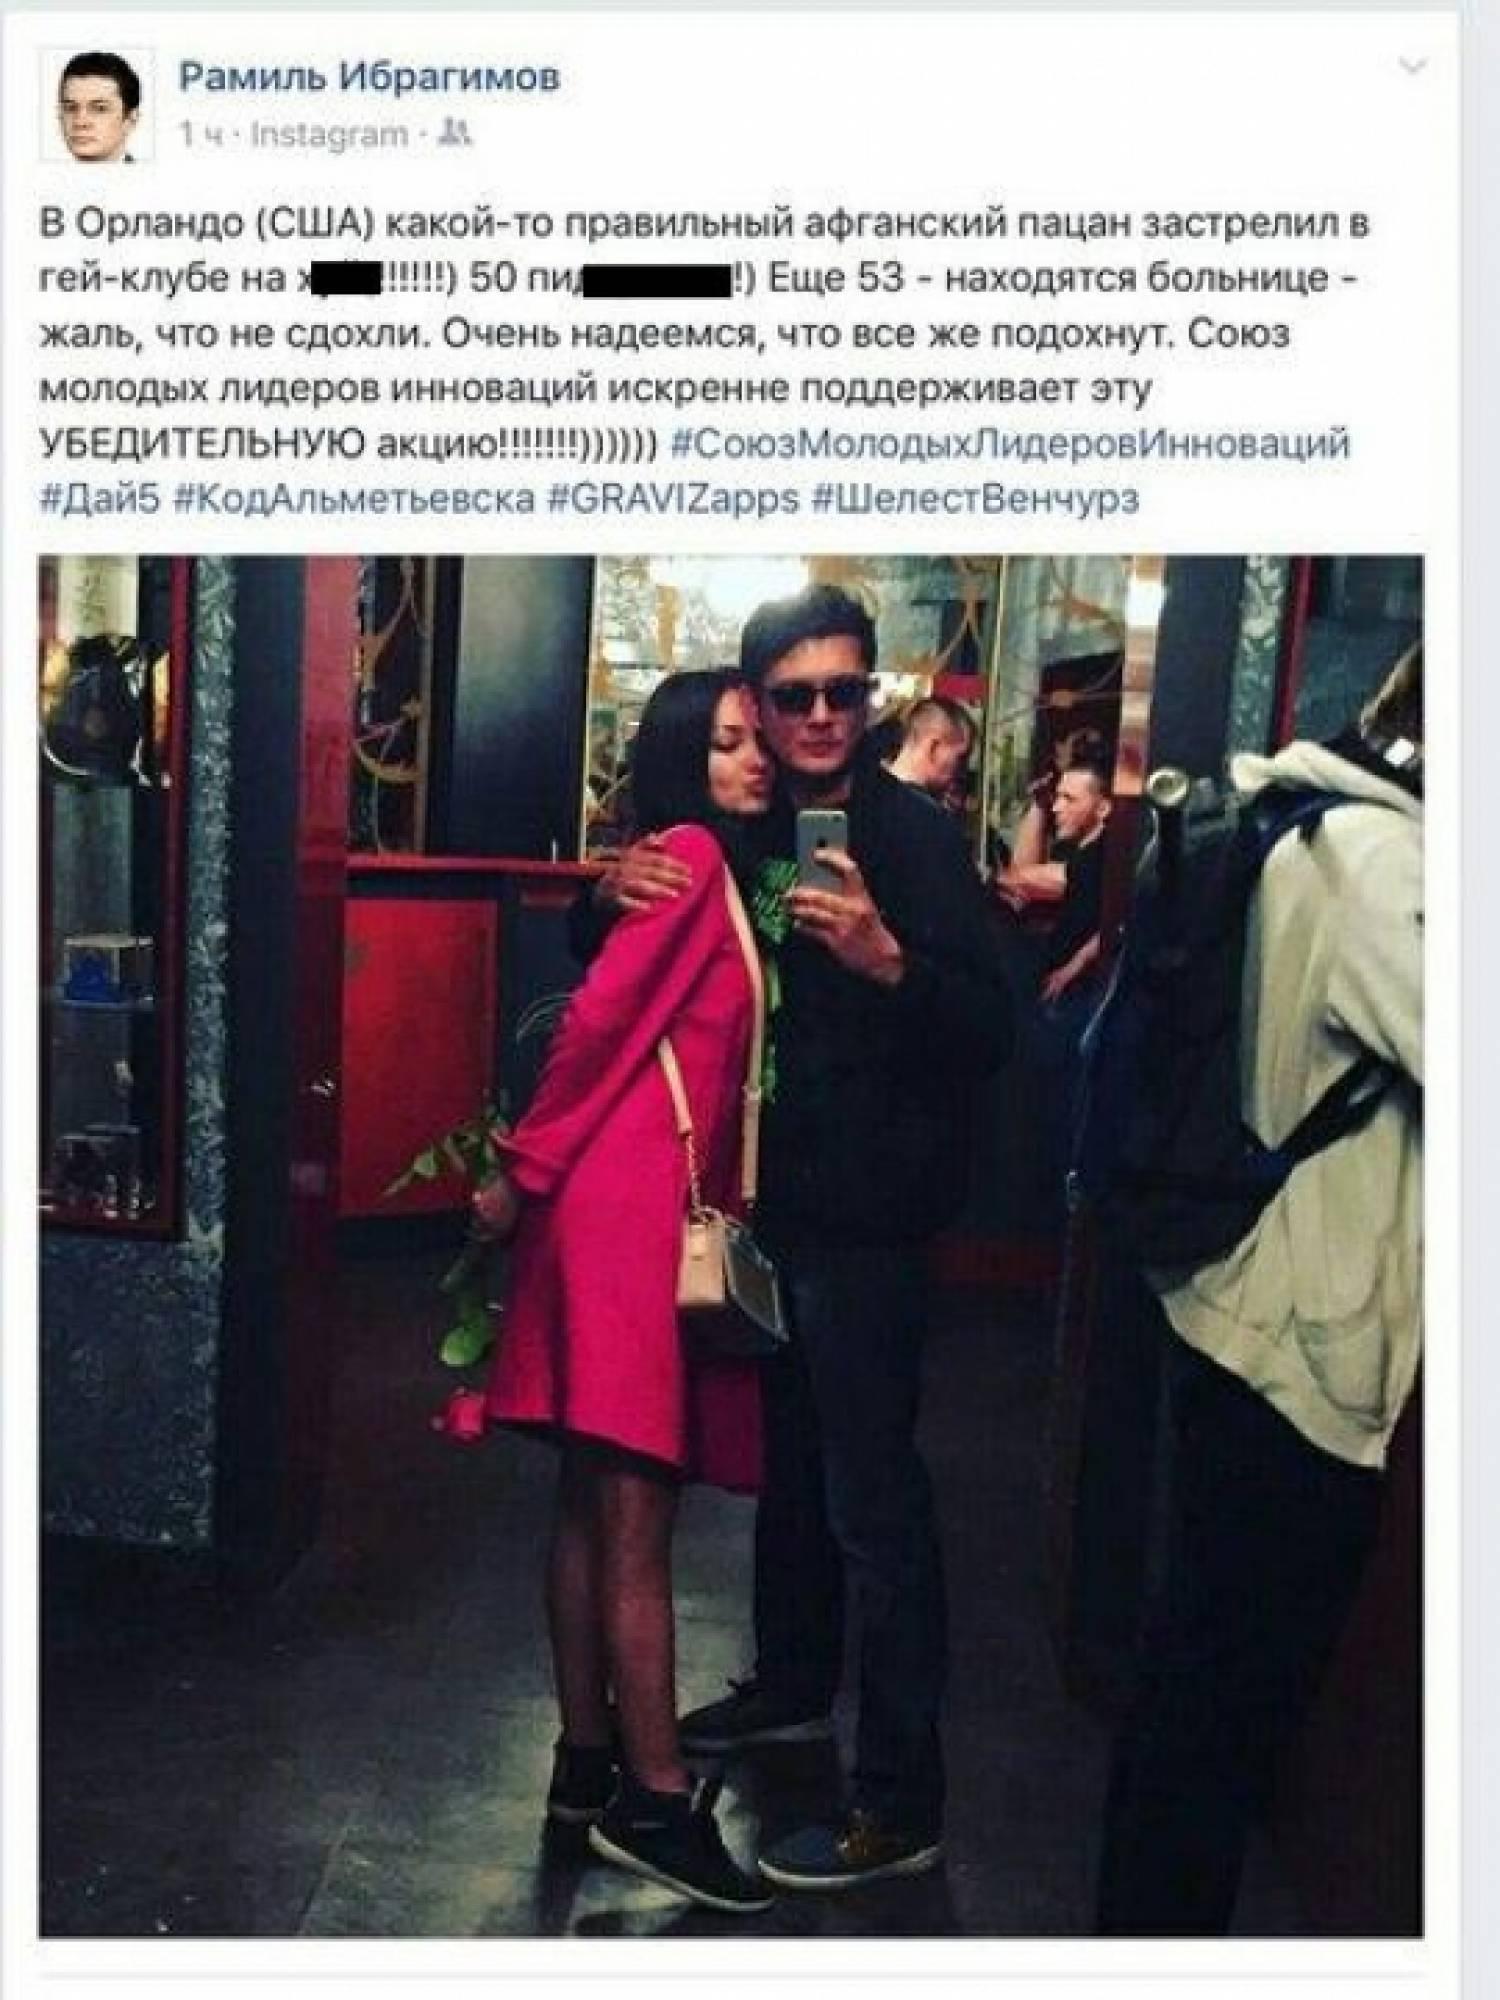 Курбан ибрагимов гей